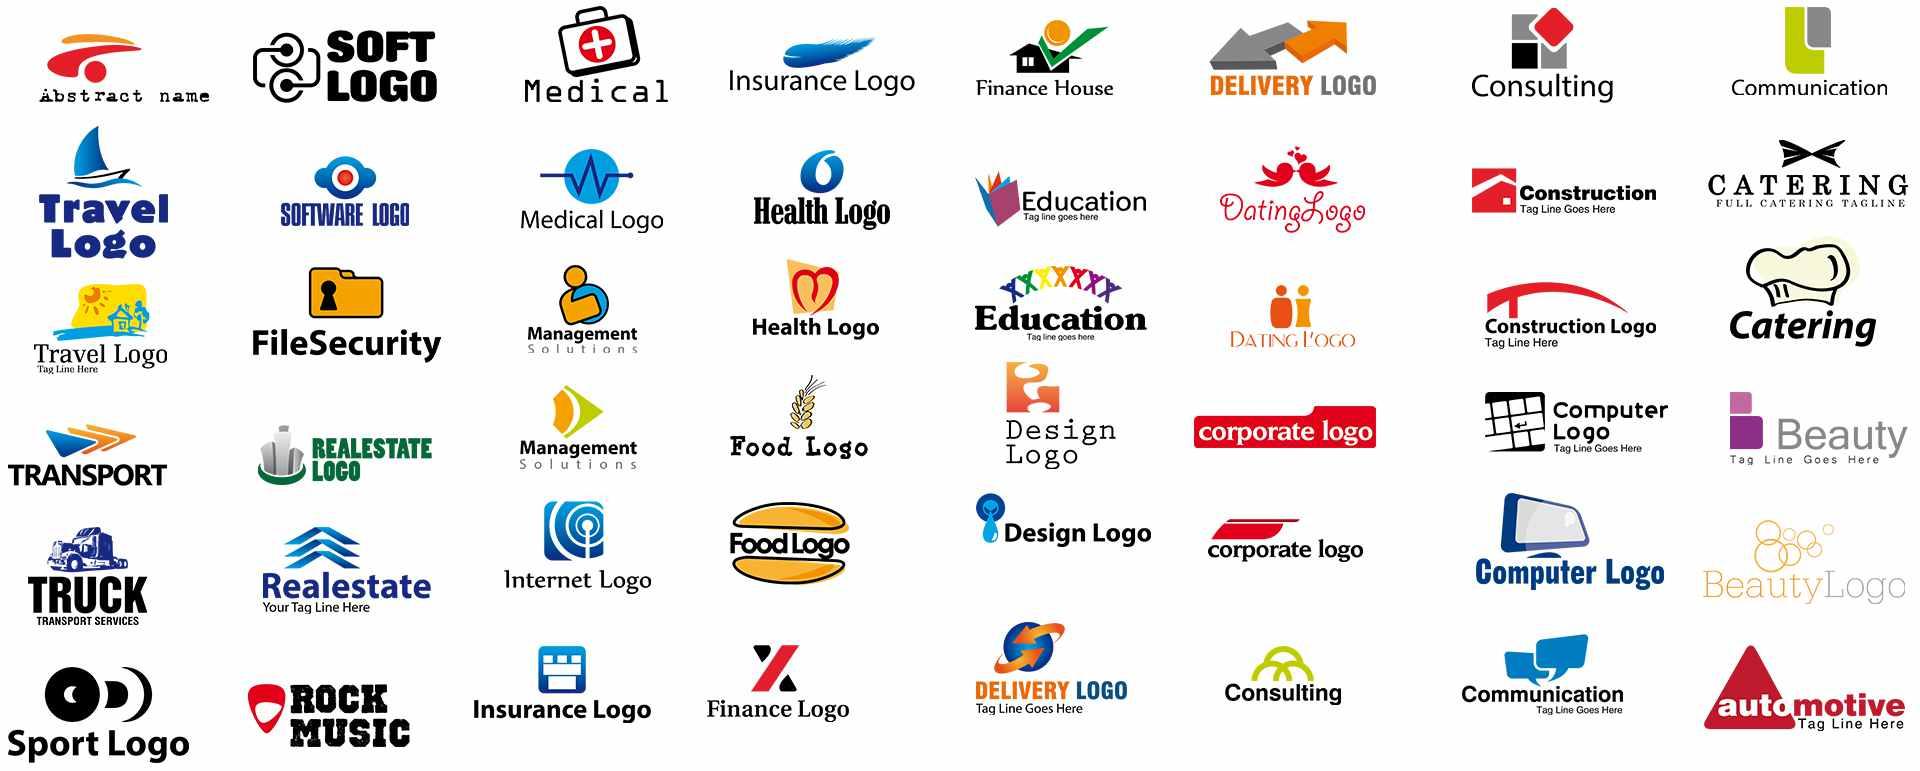 17 free logo psd images logos psd free download logos